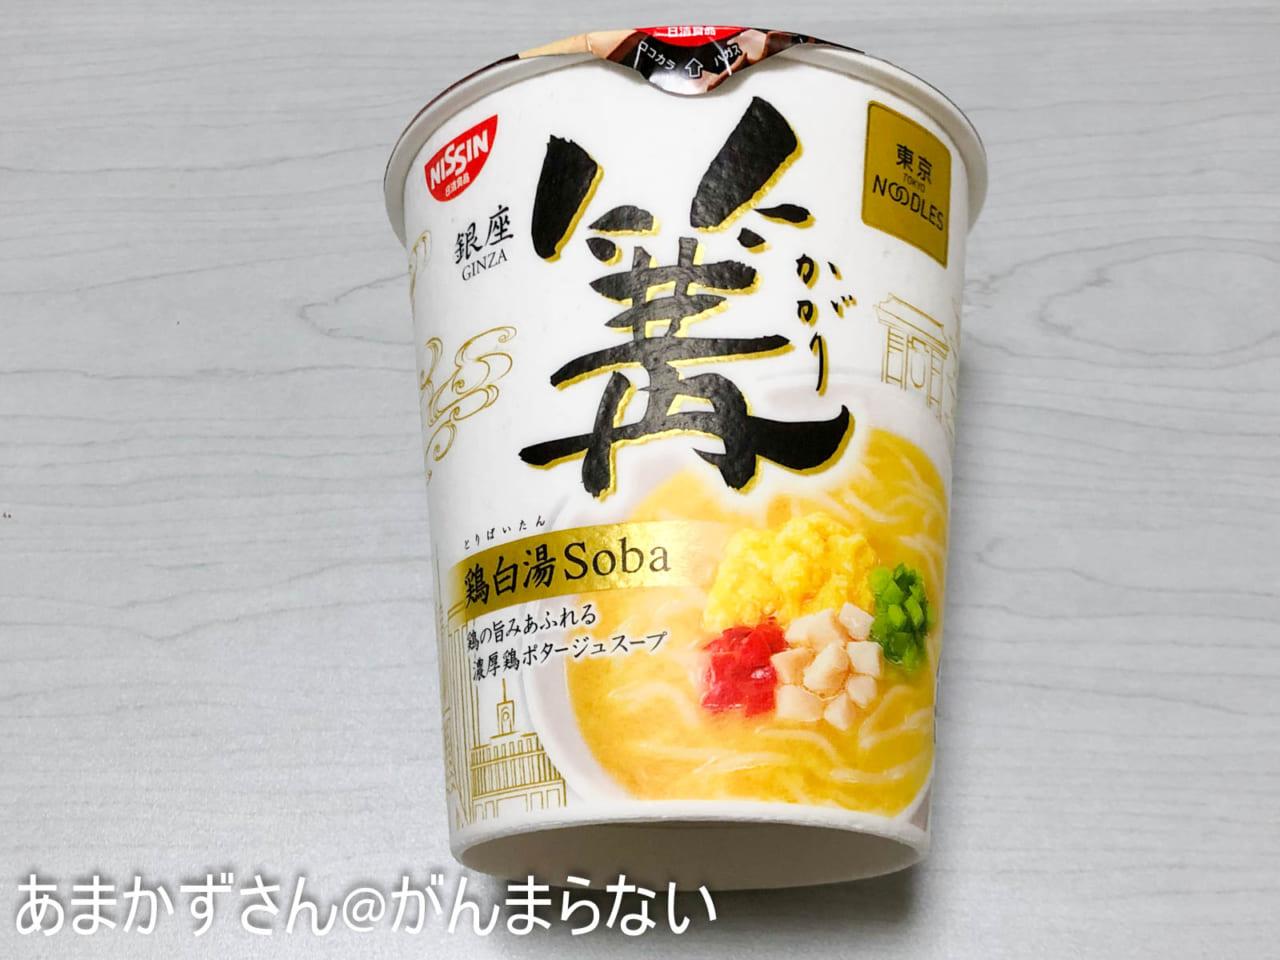 東京NOODLES 篝 鶏白湯Sobaのパッケージ